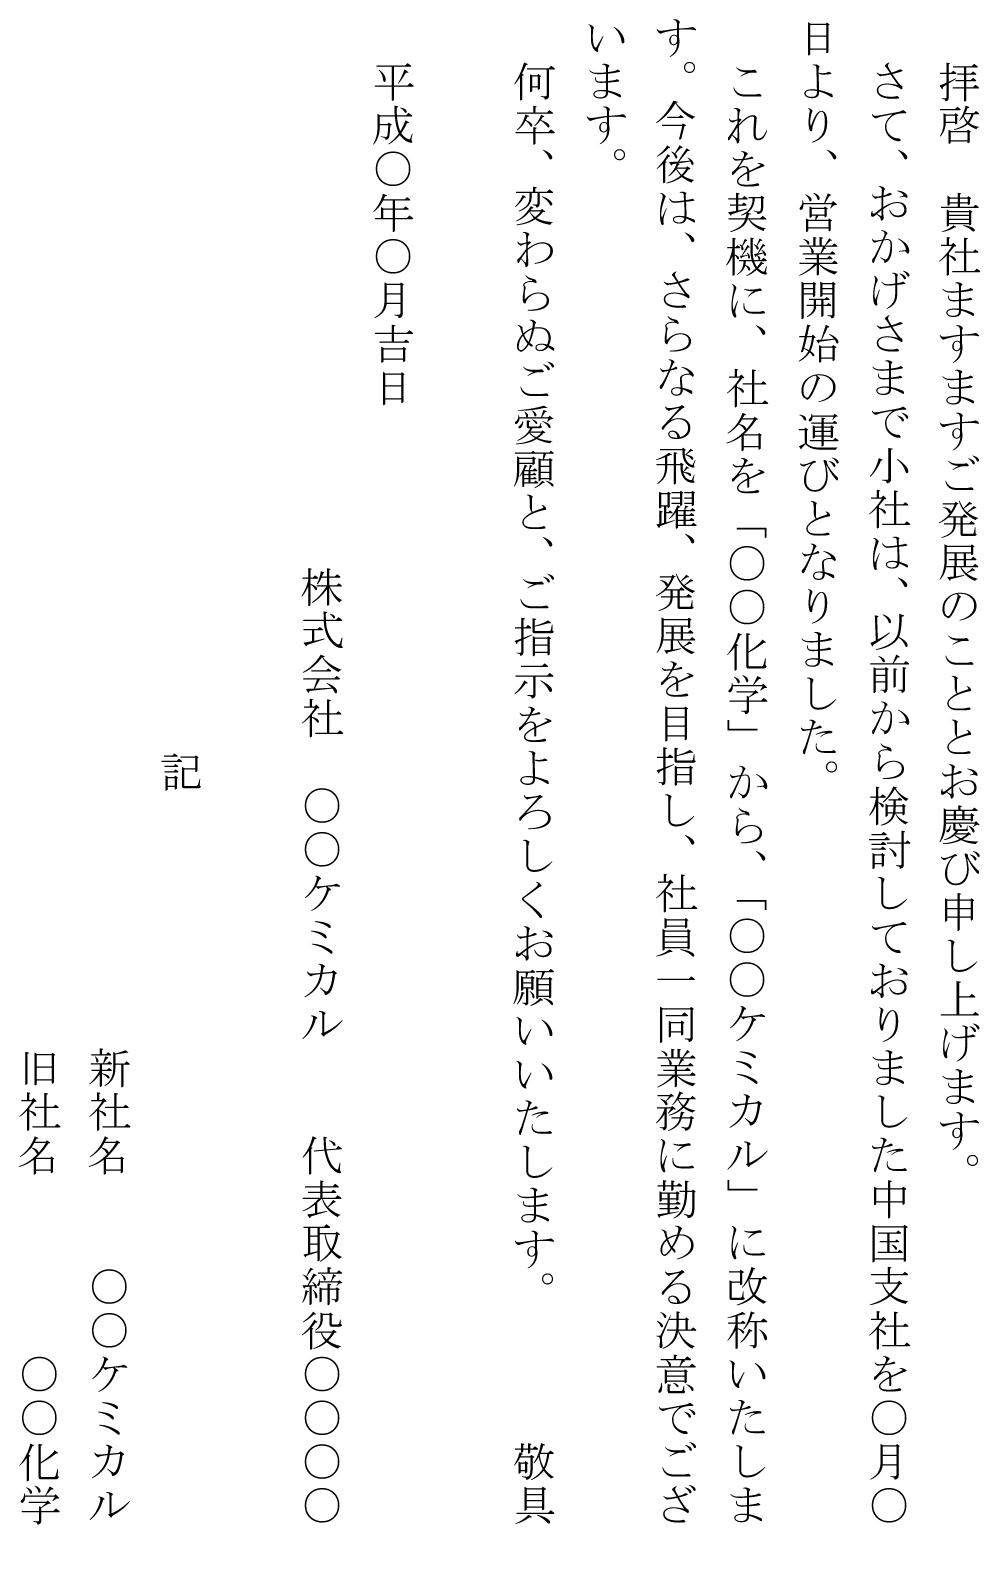 挨拶状(社名変更:ハガキ)